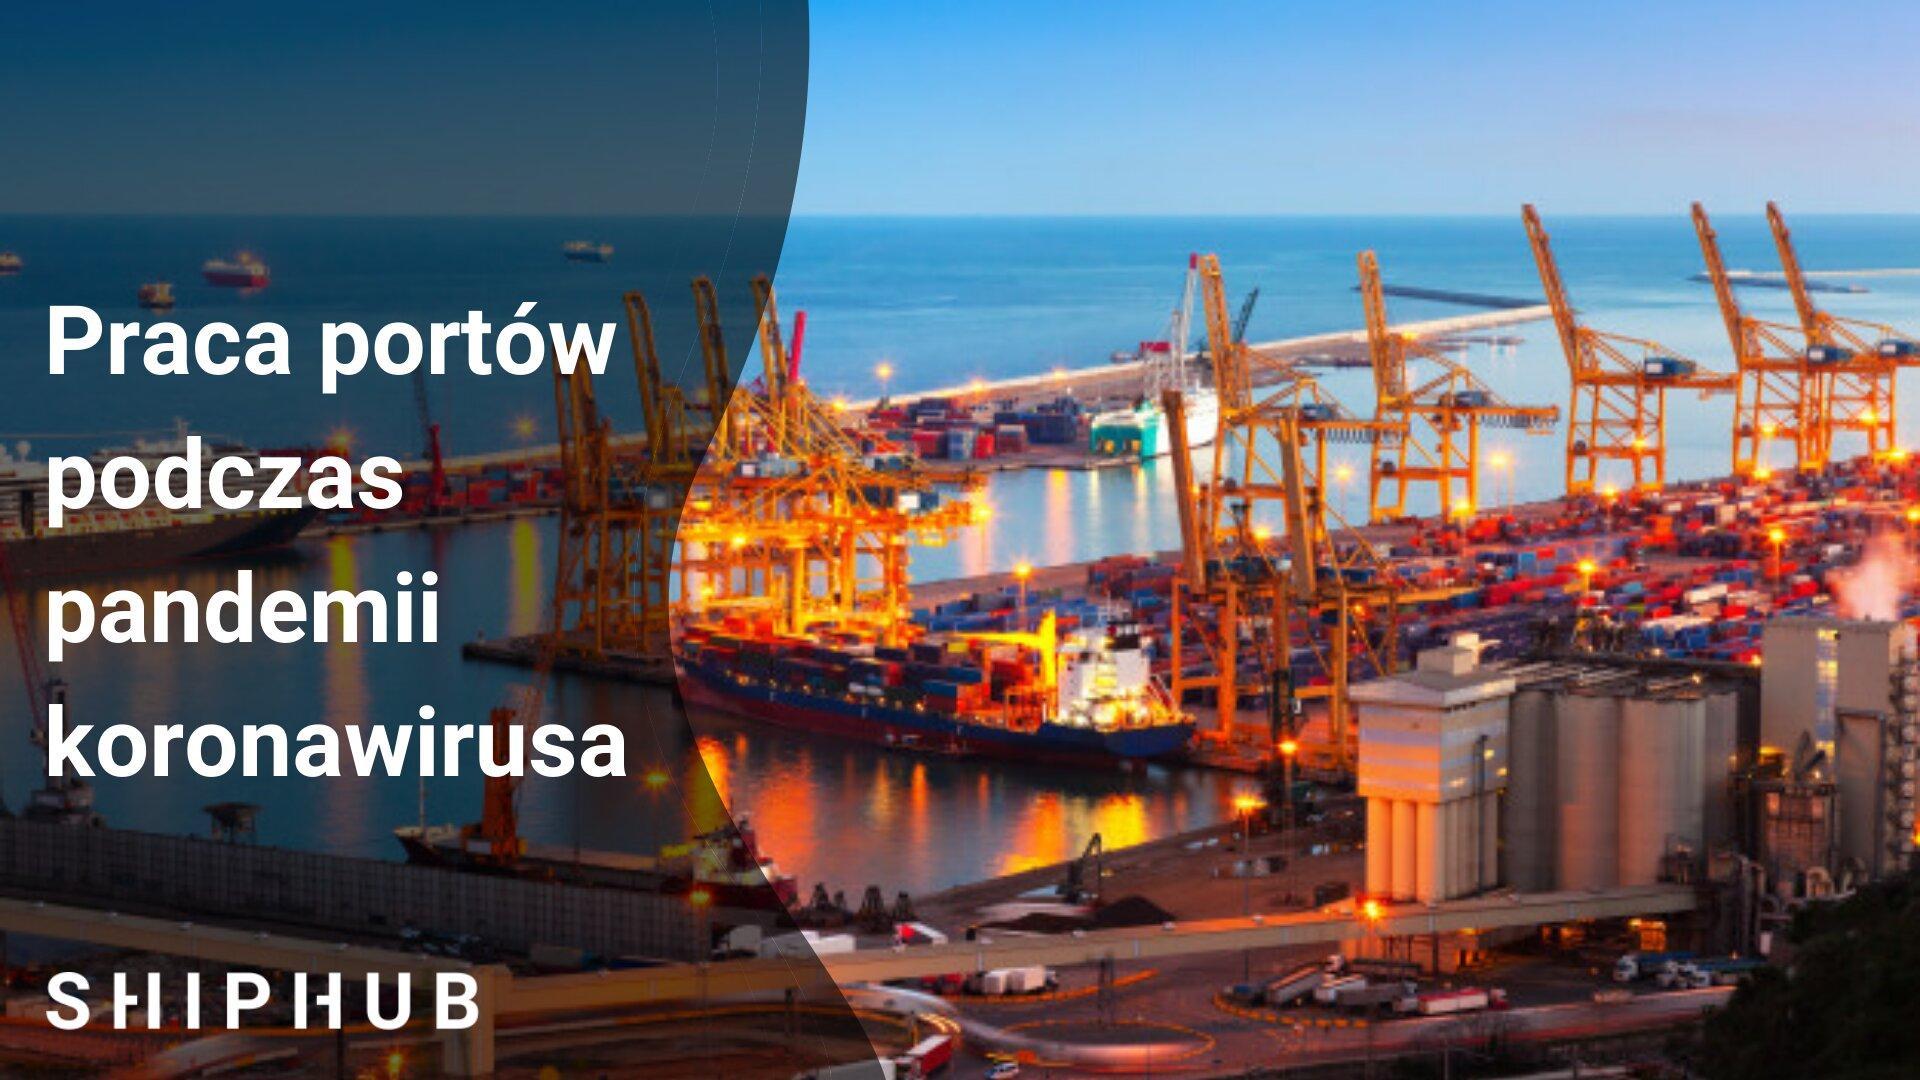 Jak wygląda praca portów podczas pandemii koronawirusa?